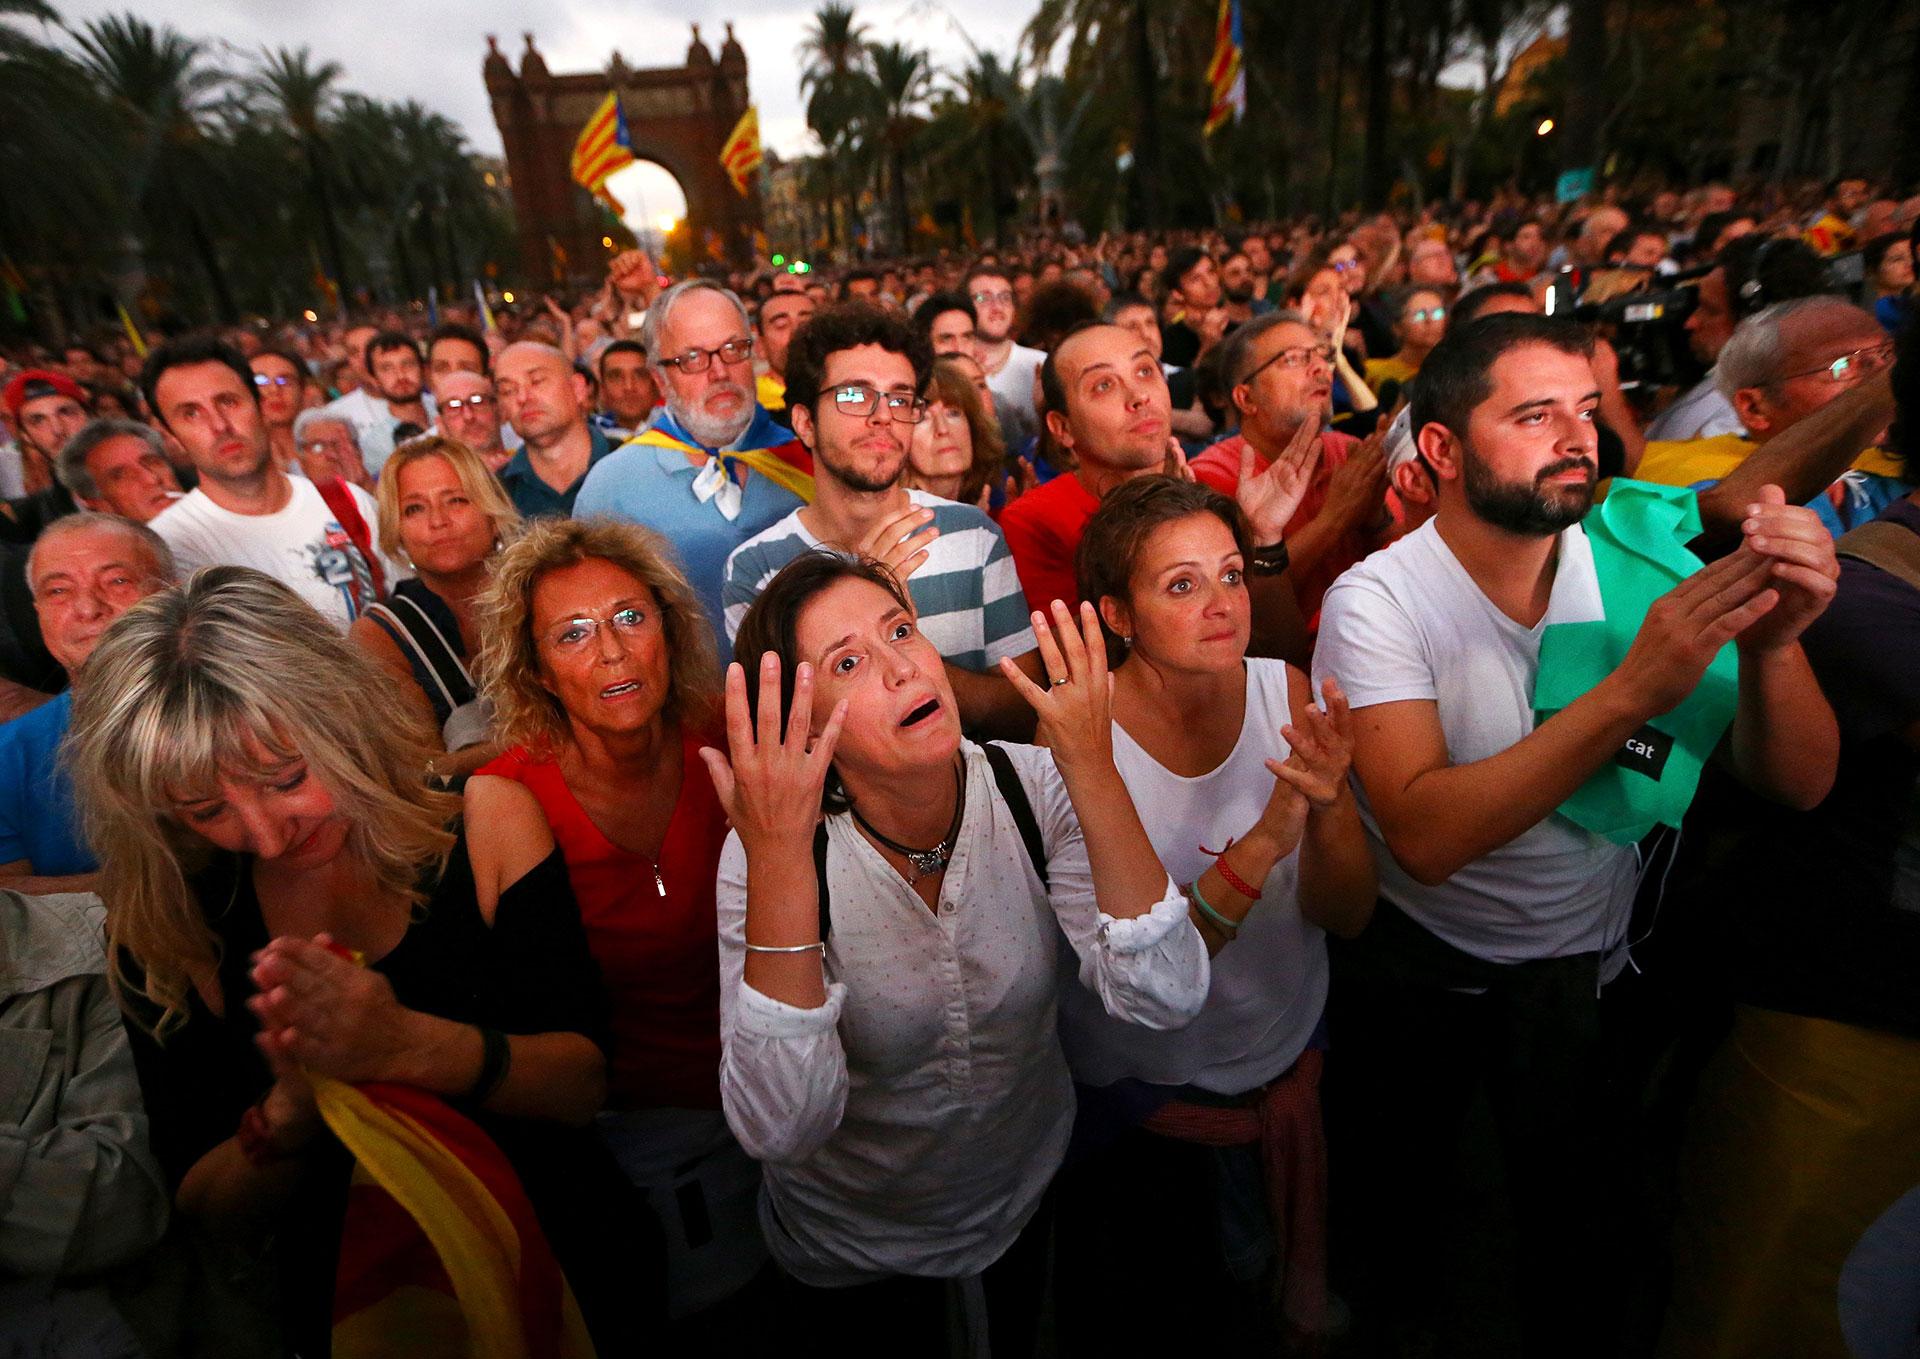 ☣ CORONAVIRUS ☣ - Minuto y Reconfinado - Vol.138: Veo Nervios... - Página 9 Barcelona-cataluna-sorpresa-3